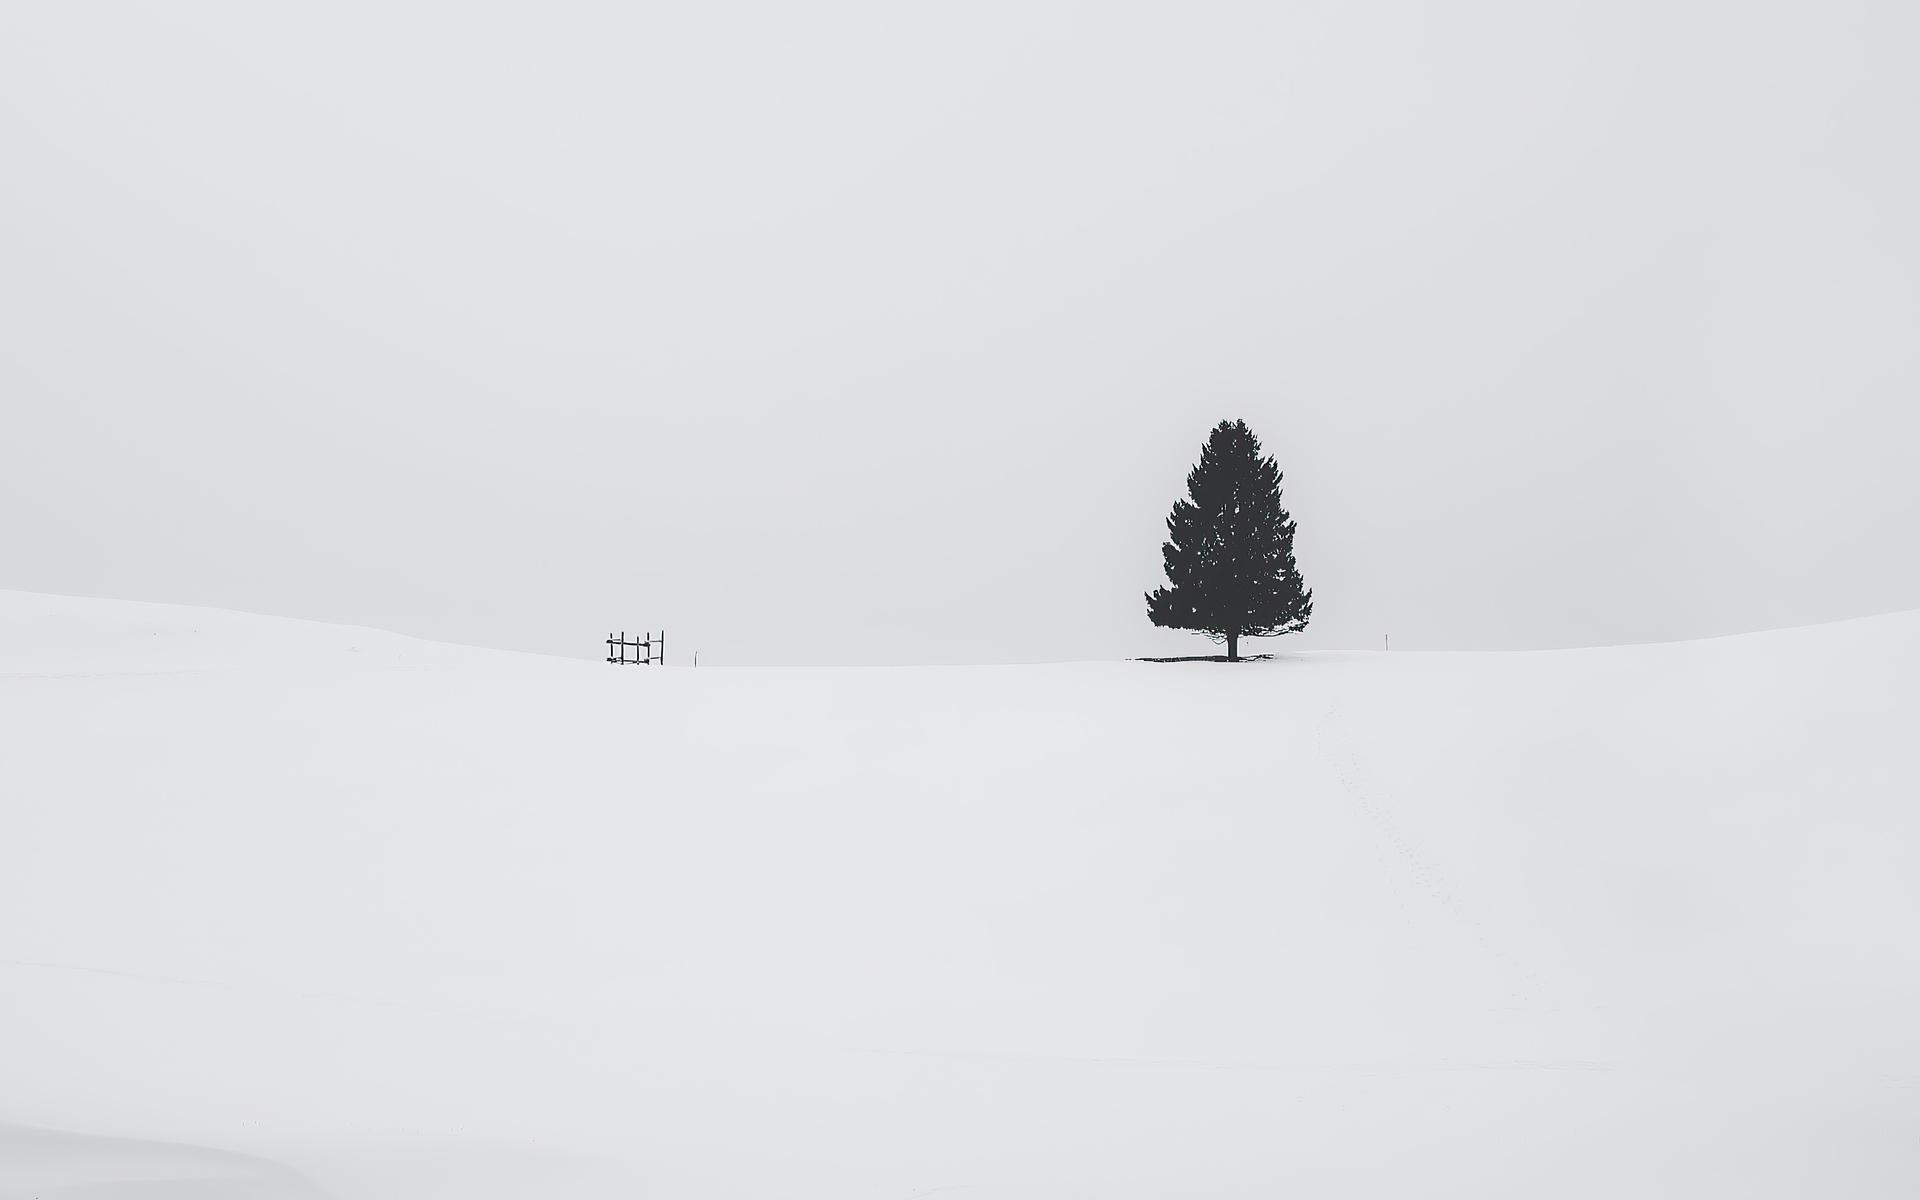 tree-snow-4k-oo.jpg